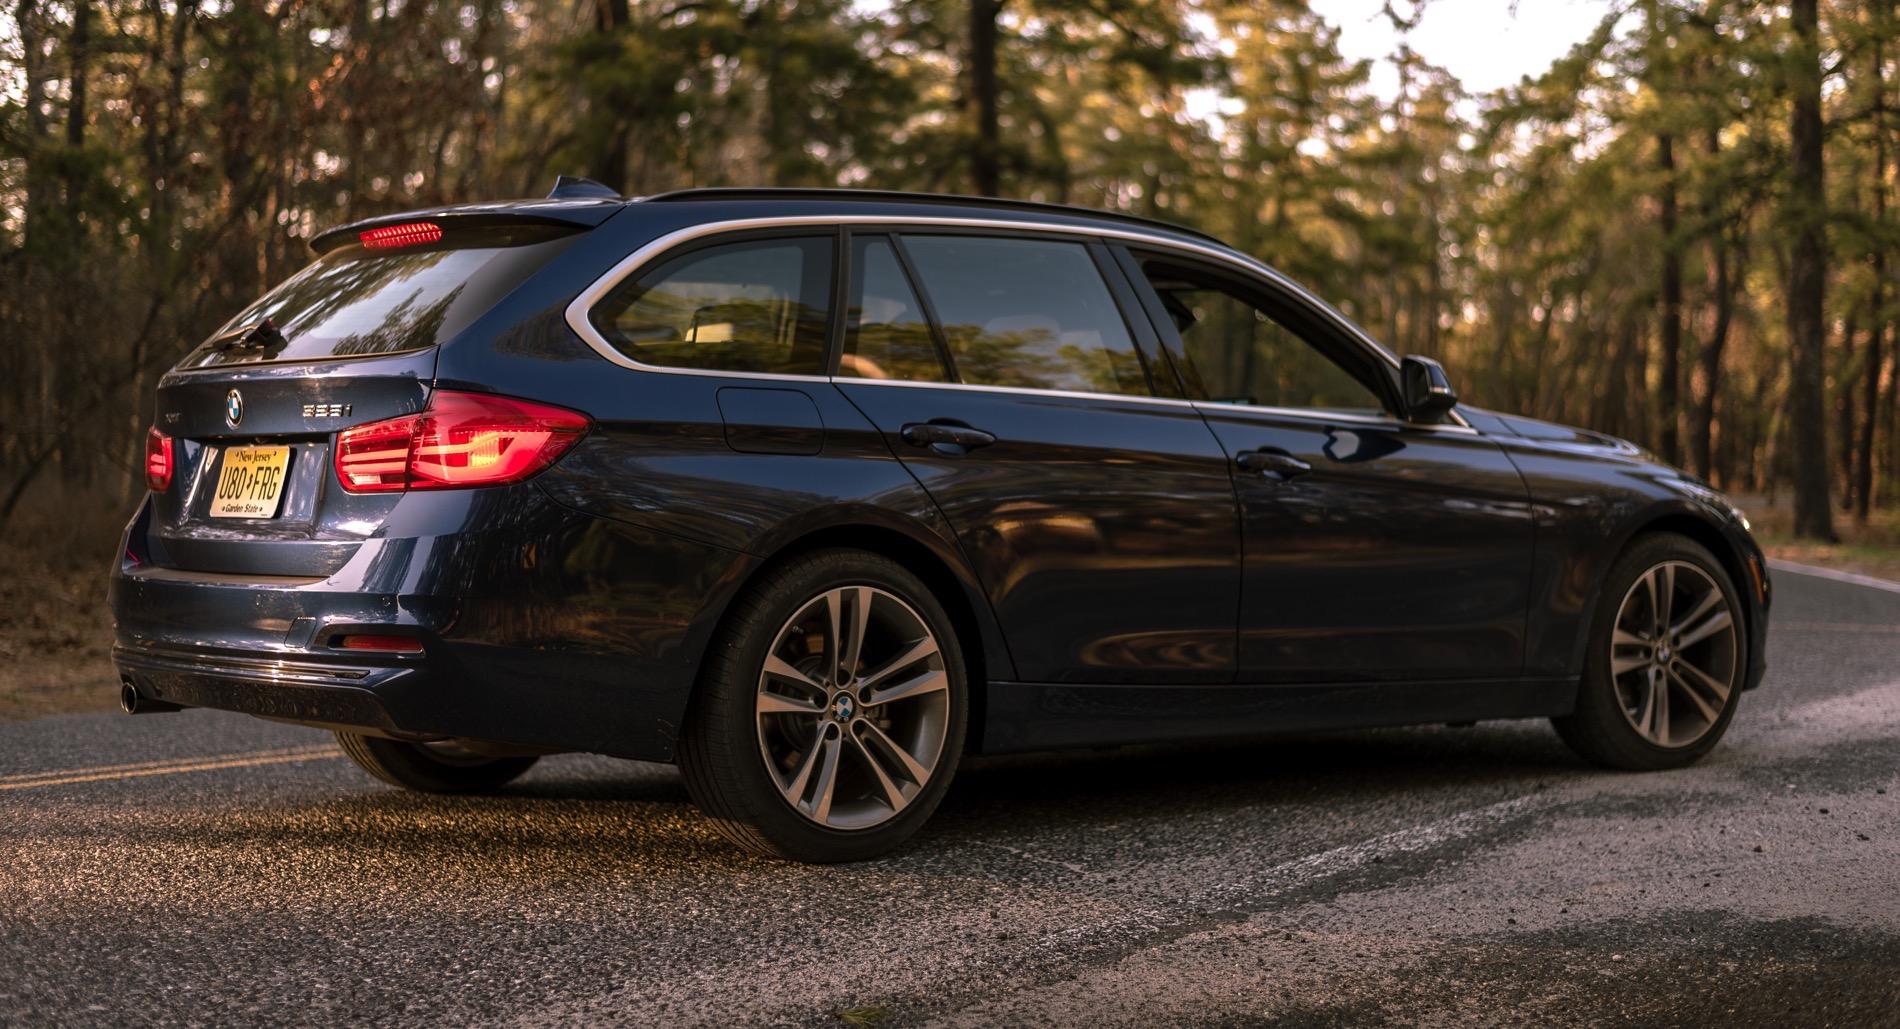 2016 Bmw 328i >> TEST DRIVE: 2016 BMW 328i xDrive Sports Wagon